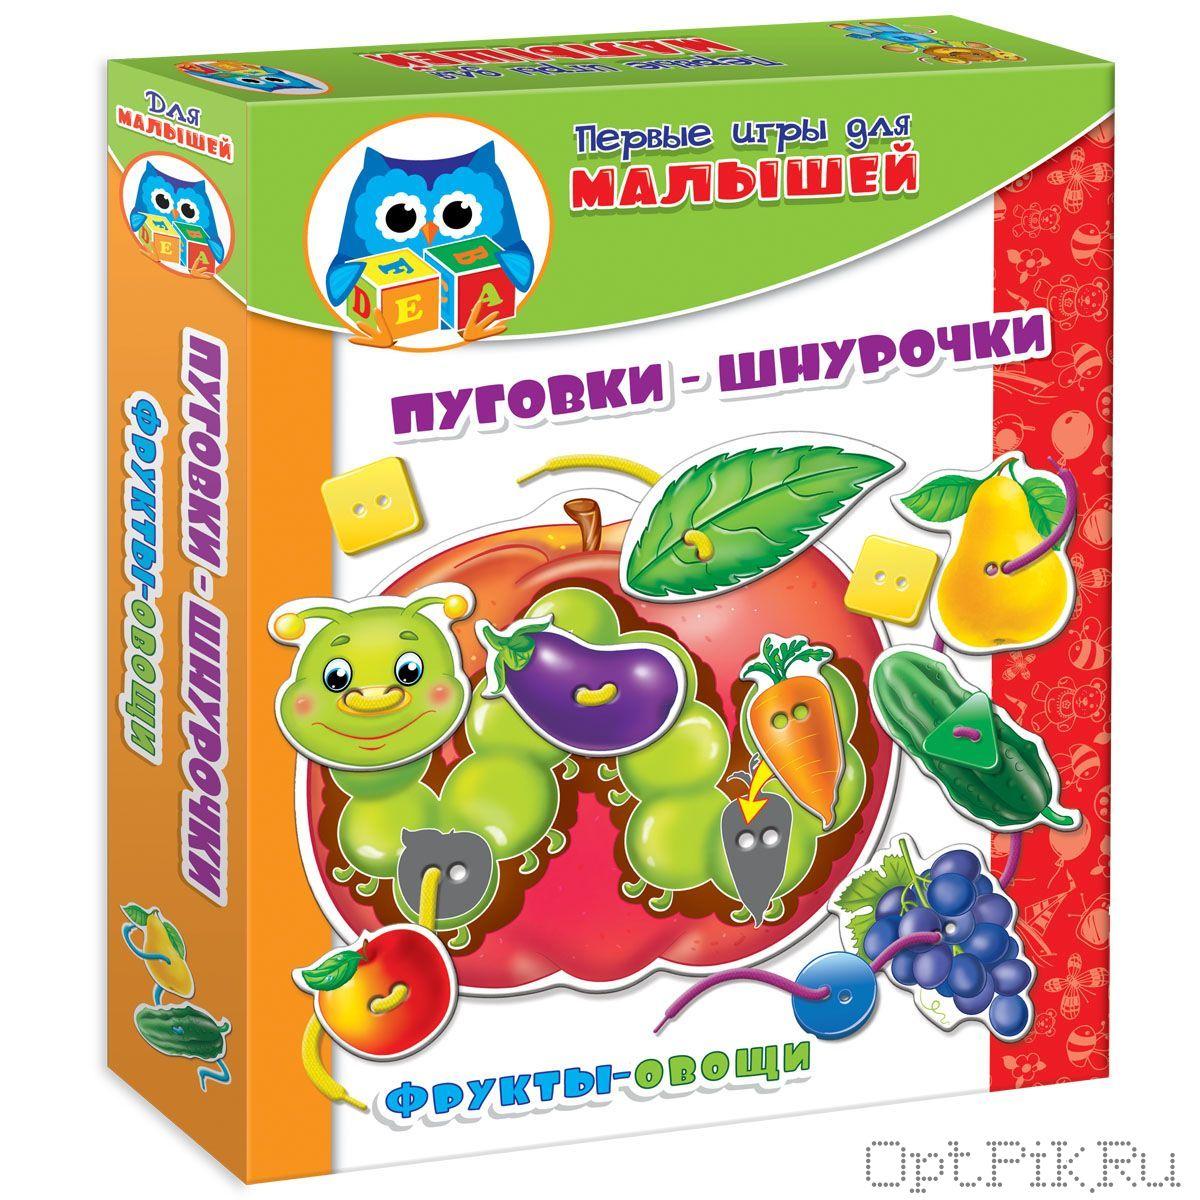 """Первые игры для малышей. Игры с пуговками + шнуровка """"Фрукты-овощи"""""""